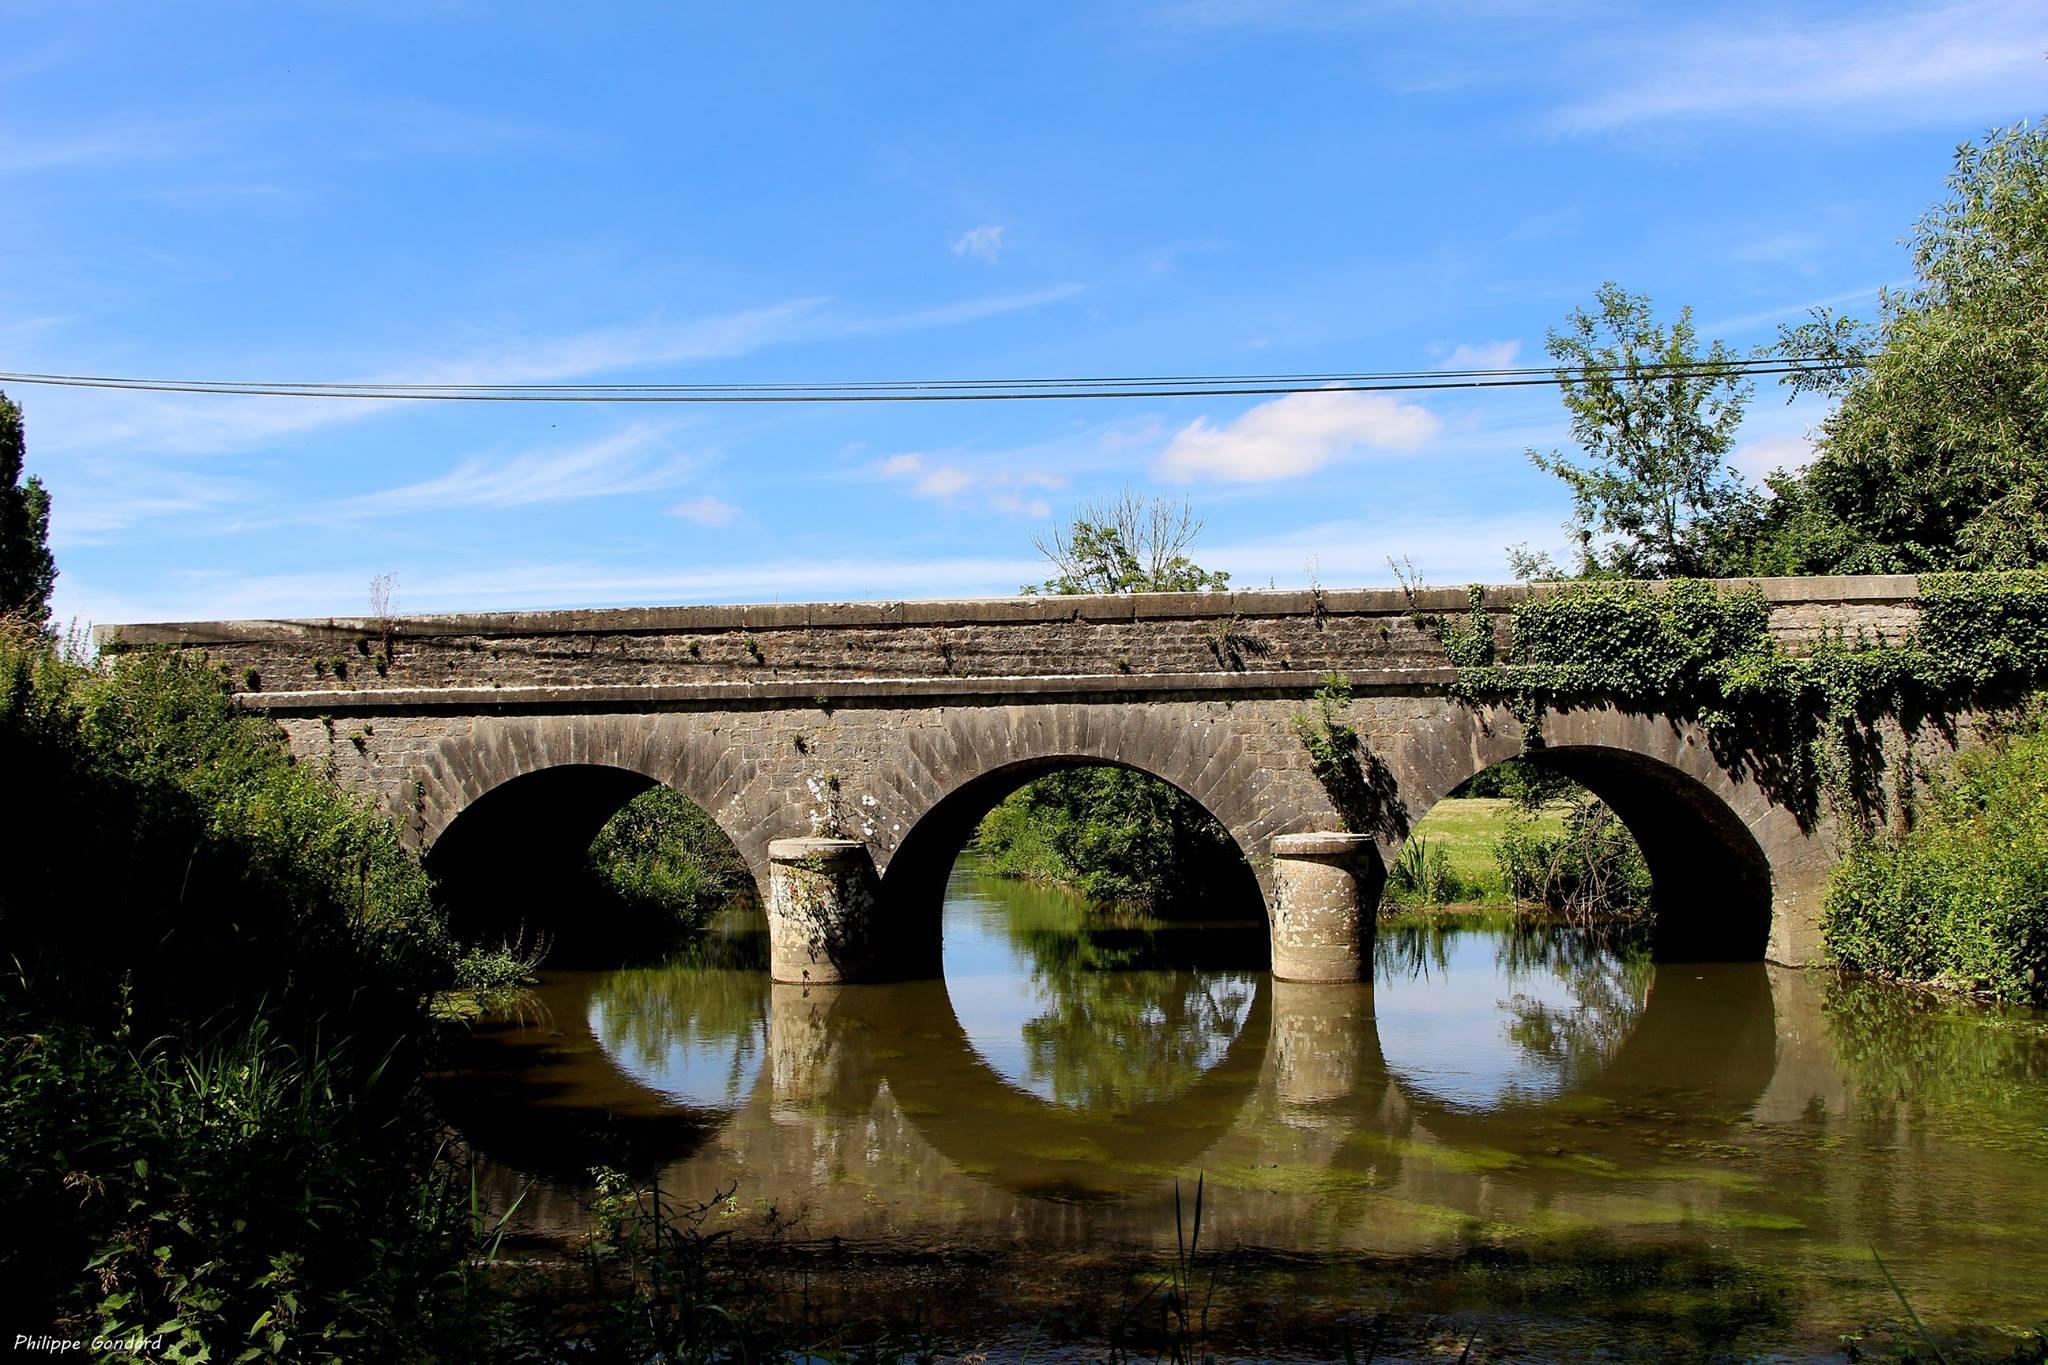 Epineu le Chevreuil - Pont de la Jumellière sur la Vègre - Il est du XVIIIè siècle et possède 3 arches (Philippe Gondard)